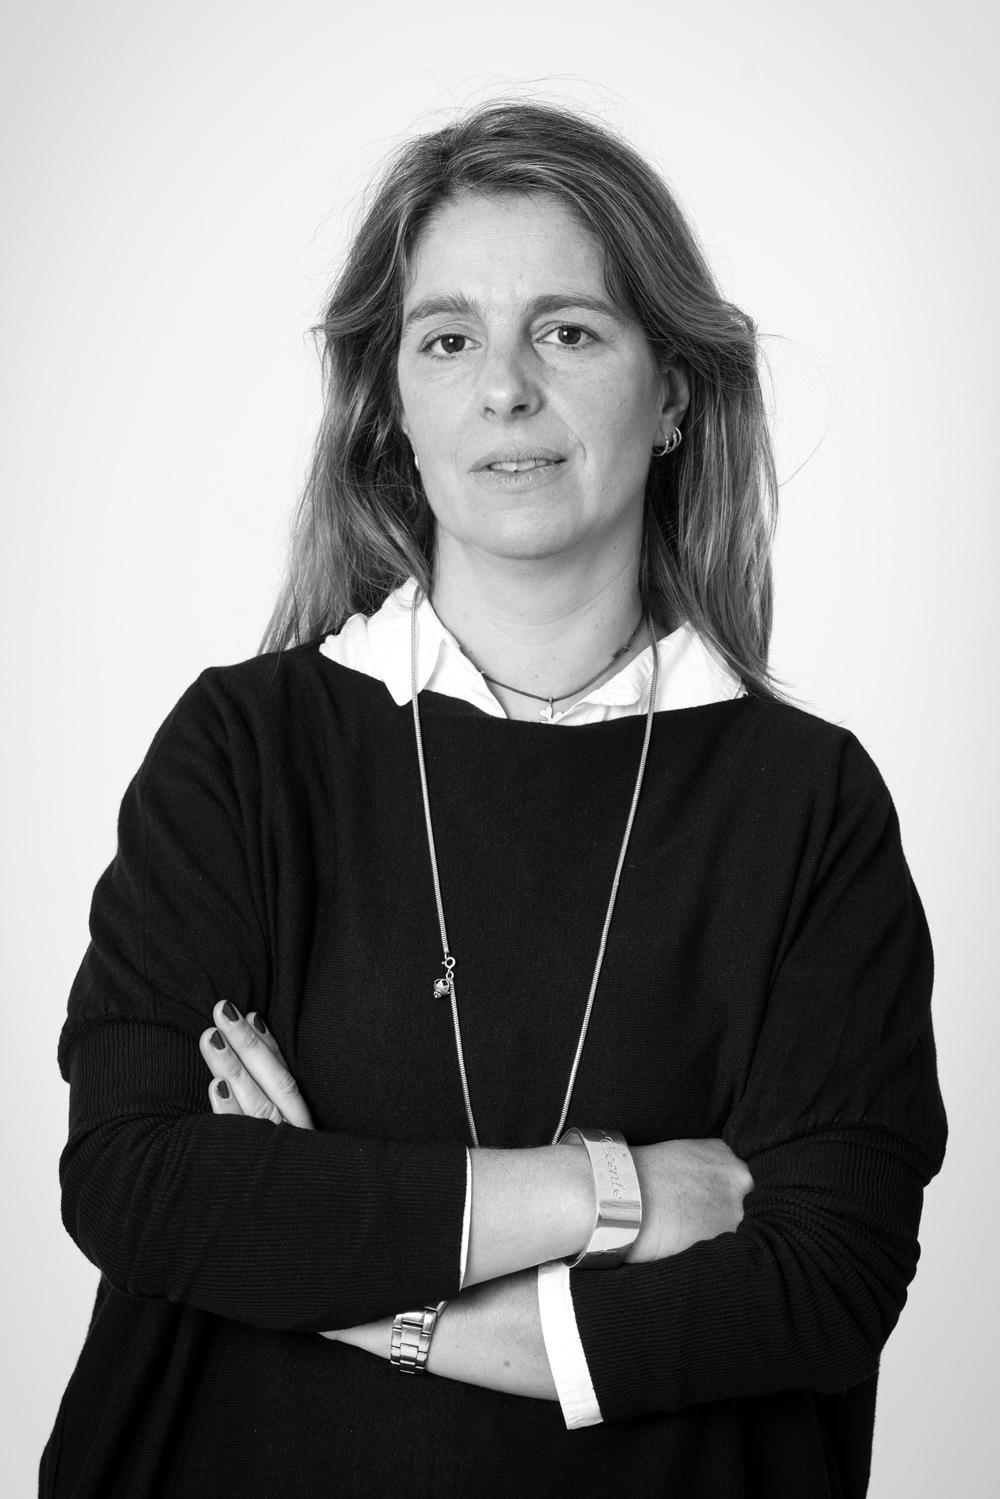 Sofia Vaz Cabral